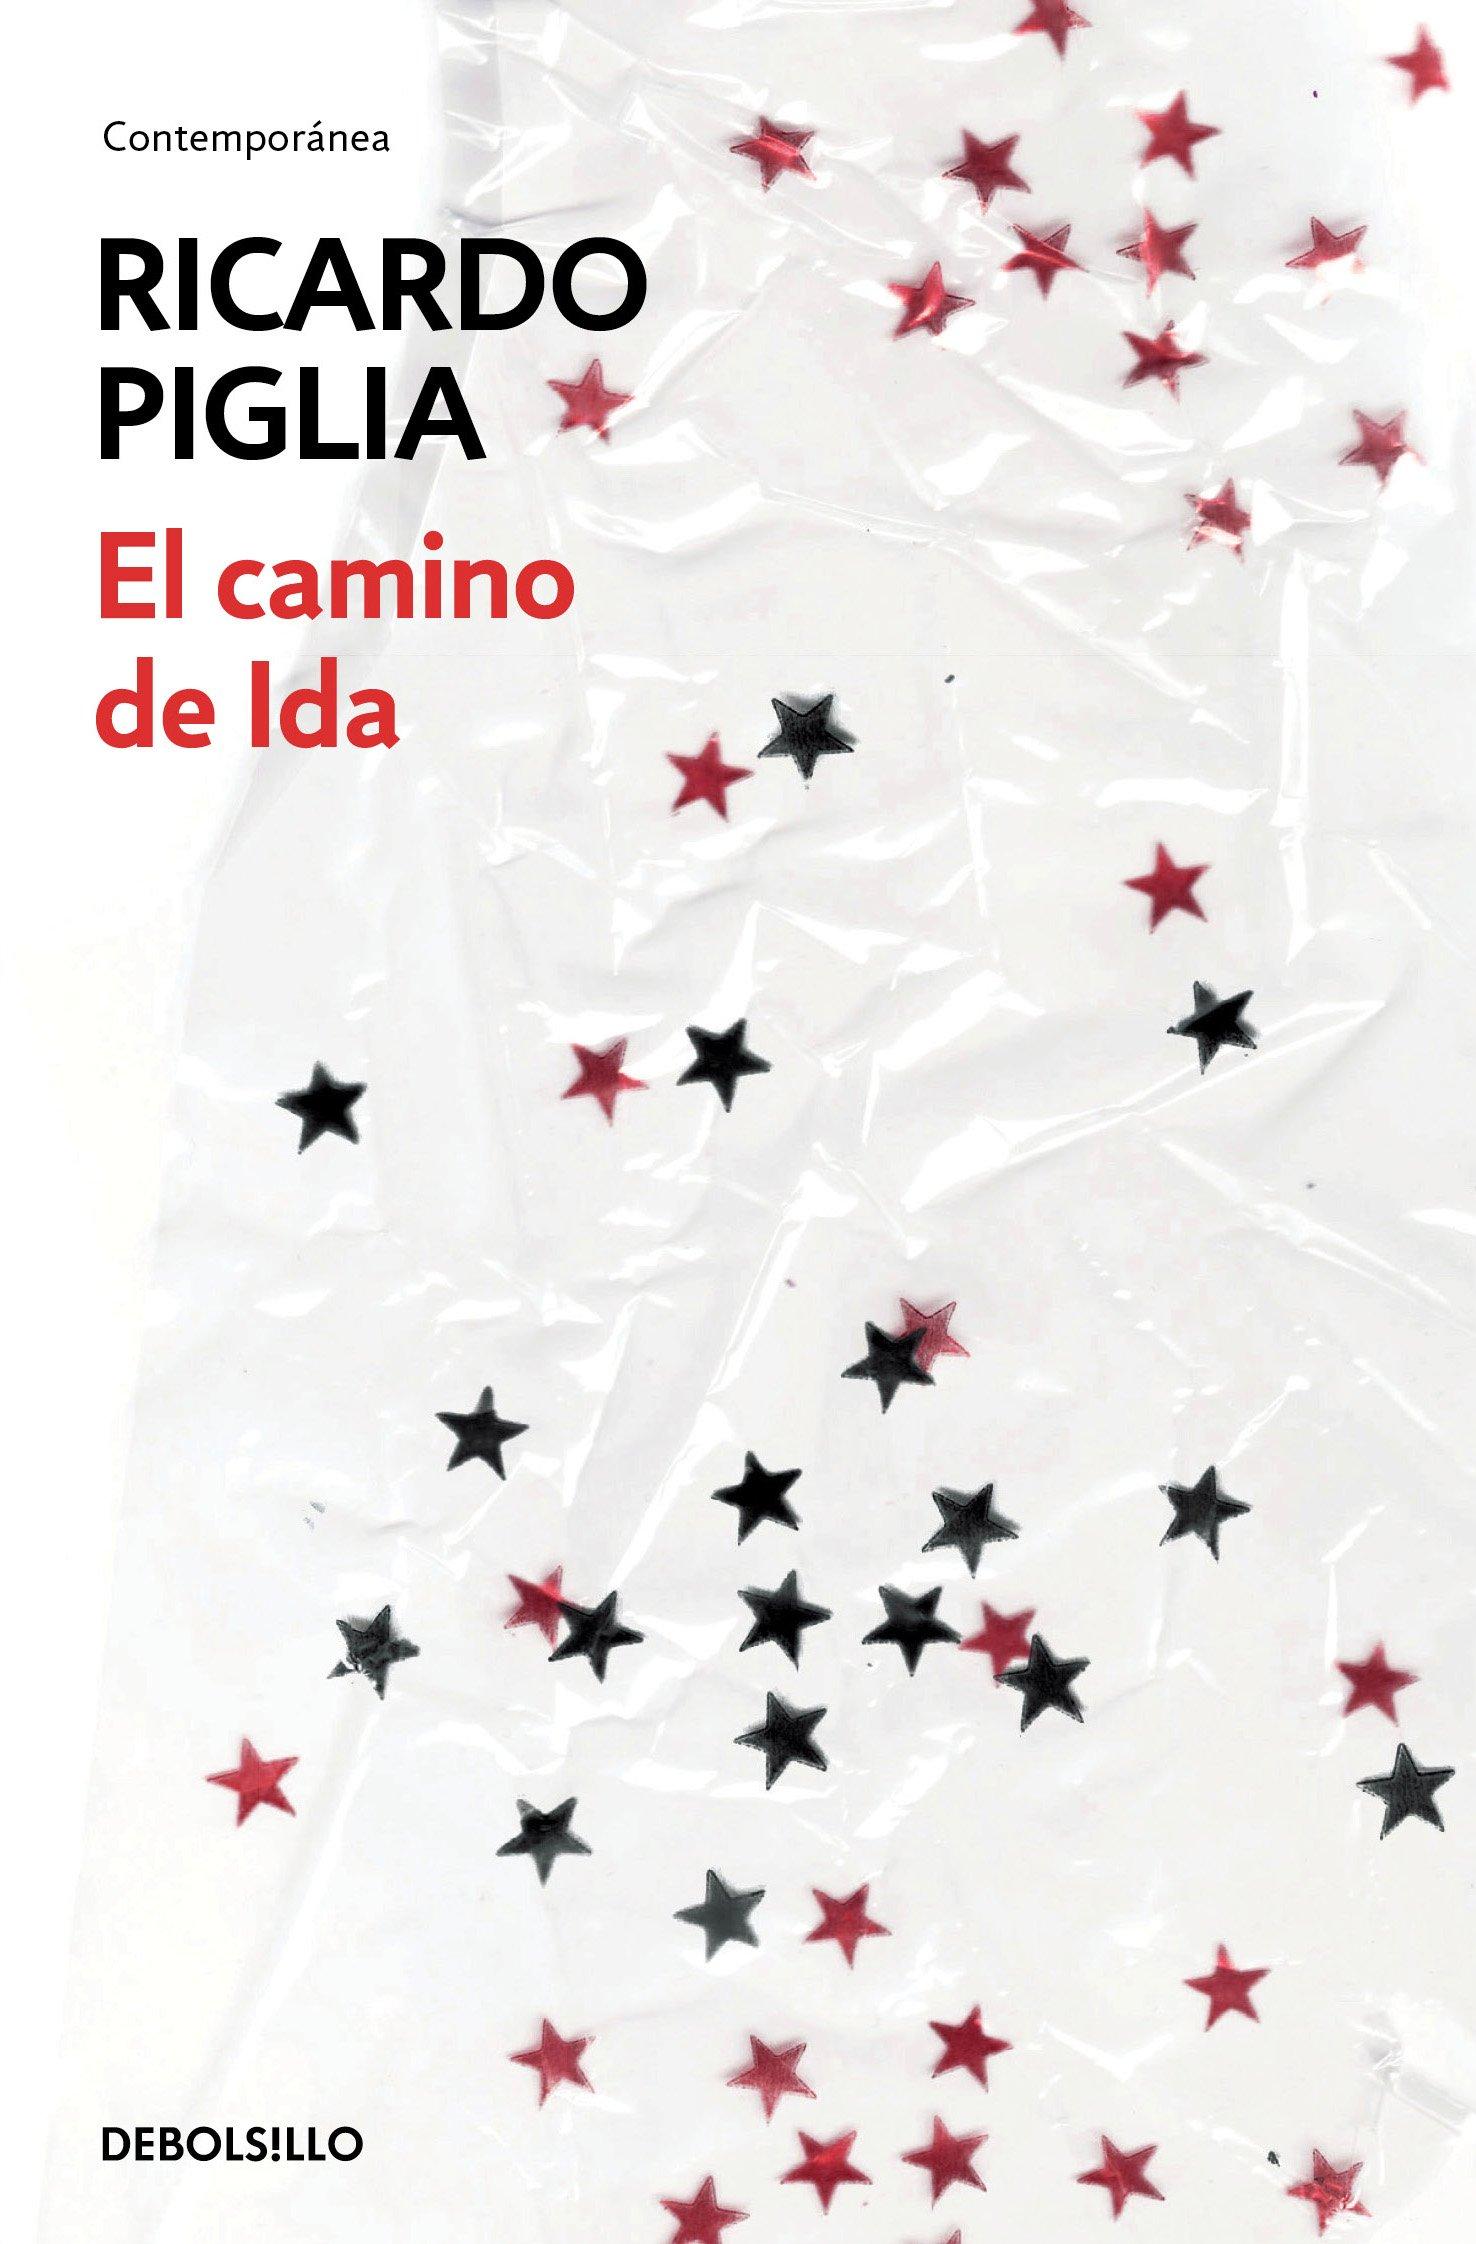 El camino de ida idas way spanish edition ricardo piglia el camino de ida idas way spanish edition ricardo piglia 9788490624371 amazon books fandeluxe Gallery